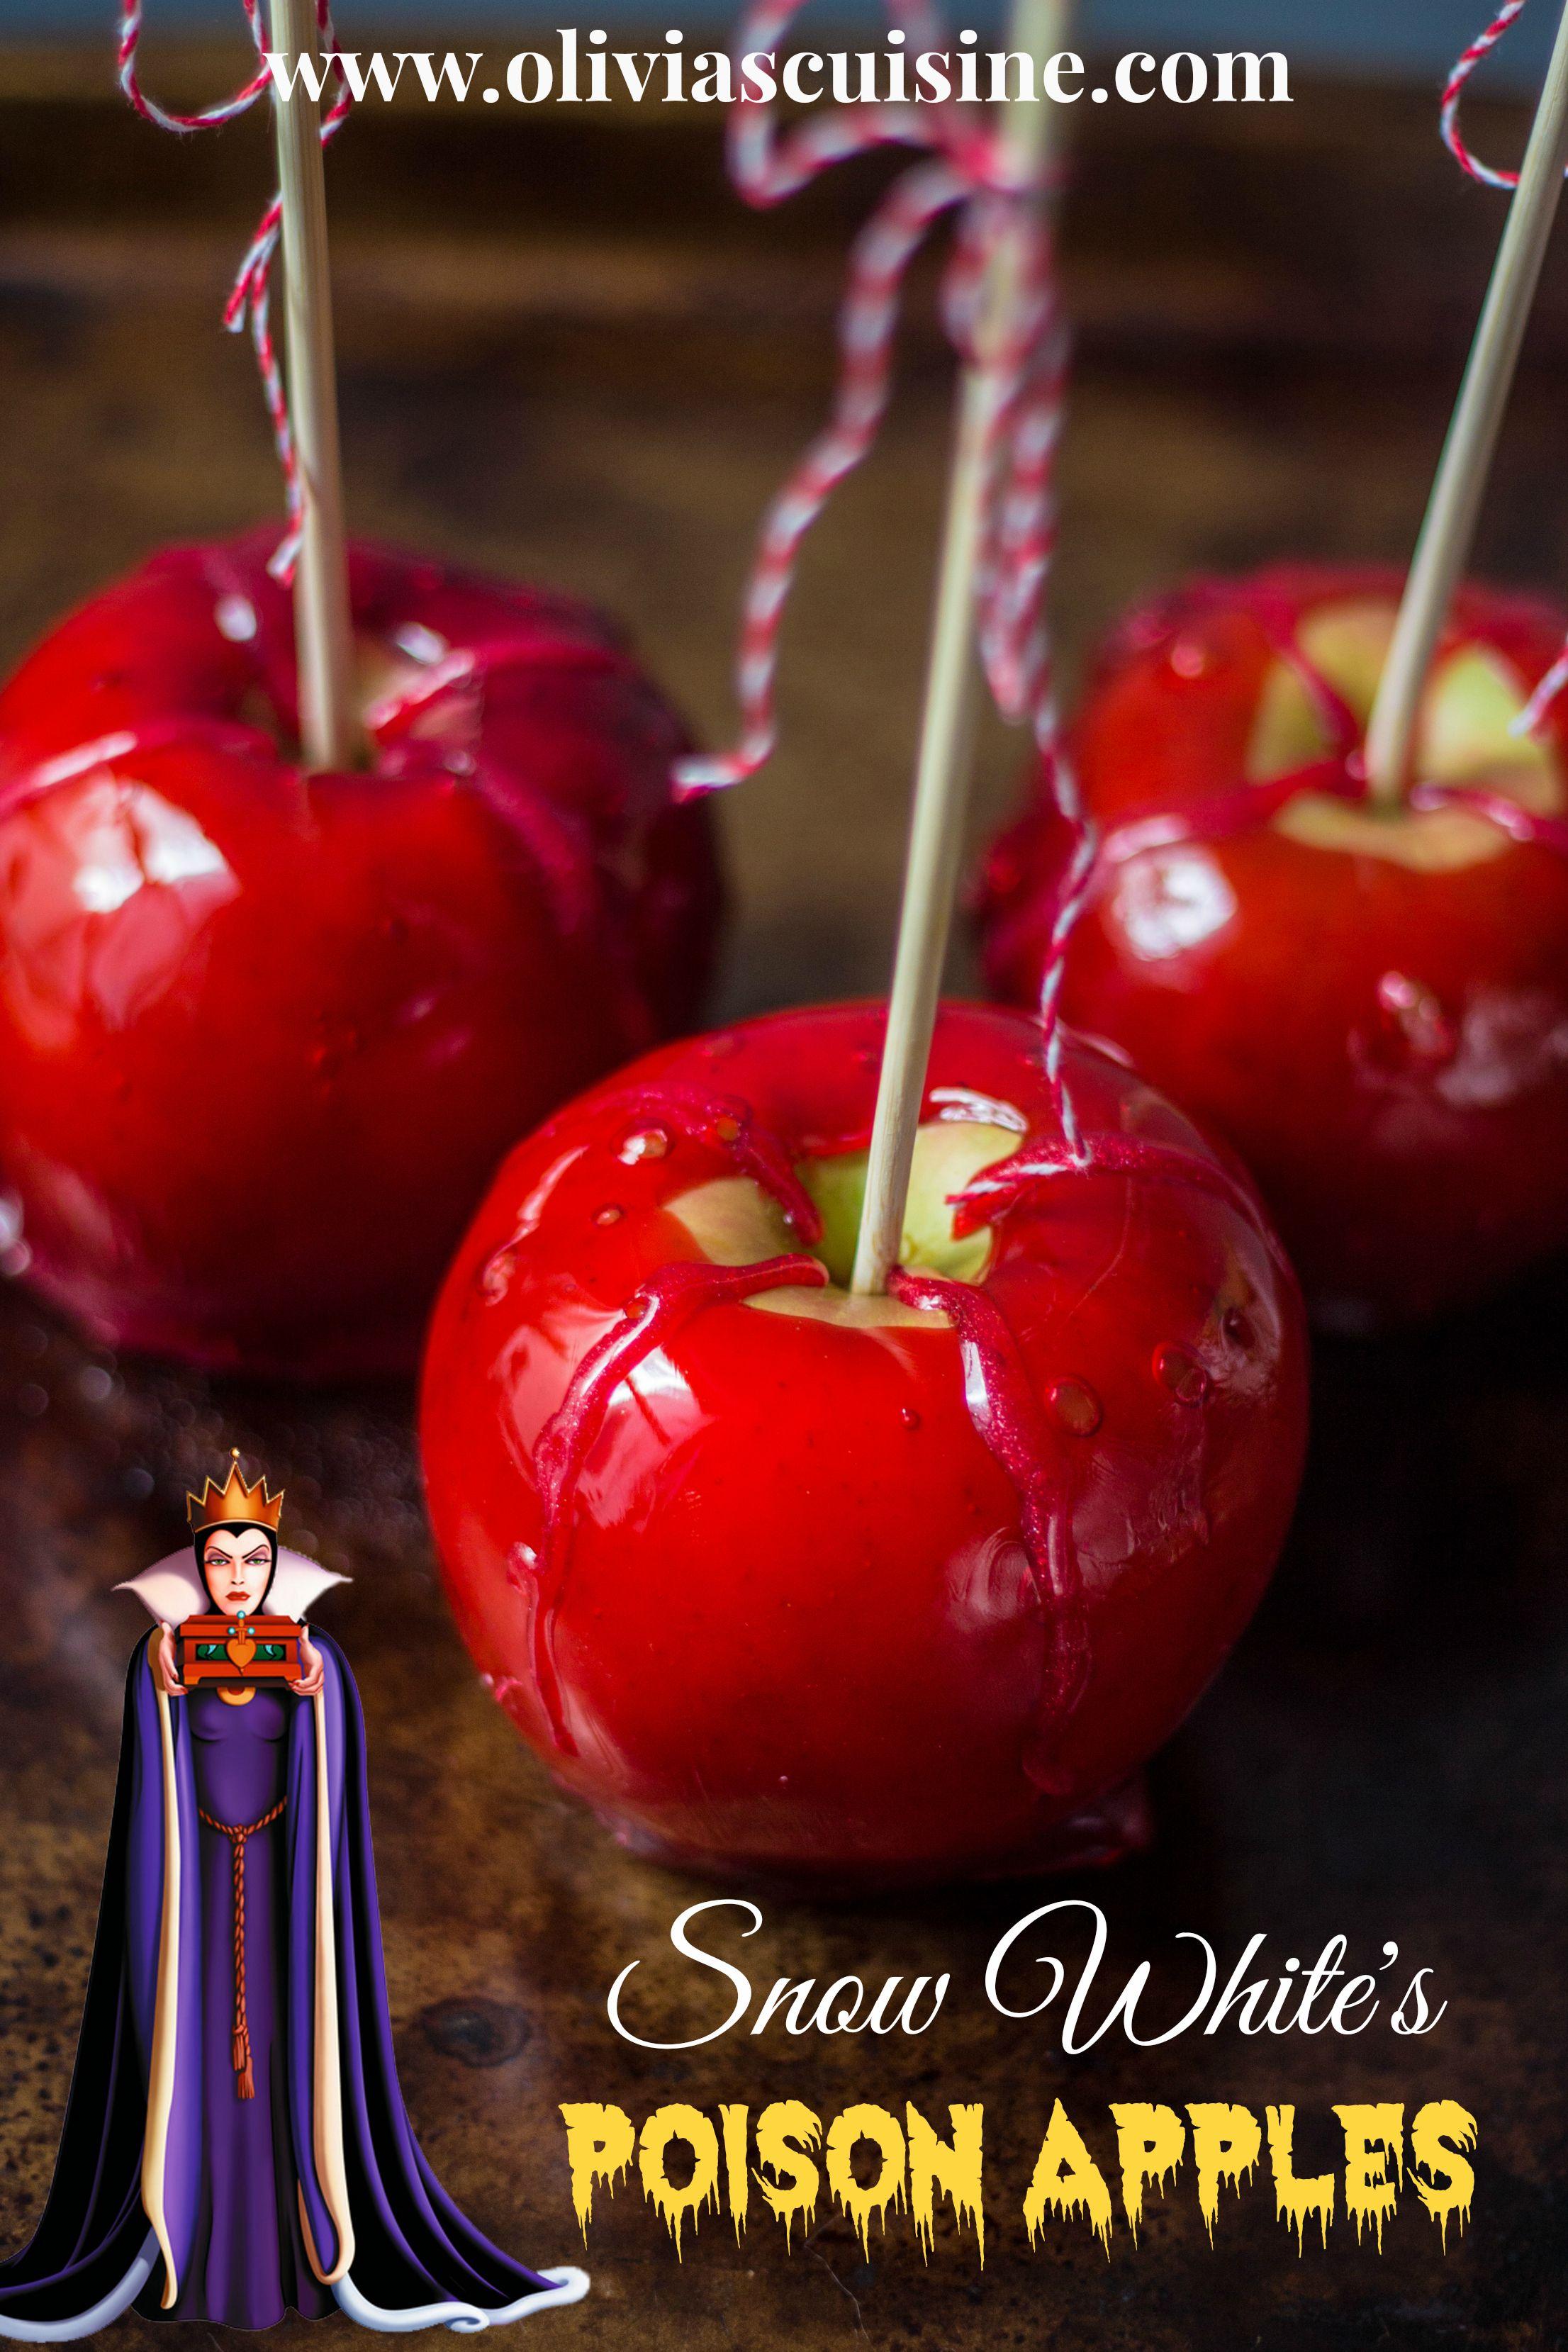 Snow White's Poison Apples in 2020 Snow white poison